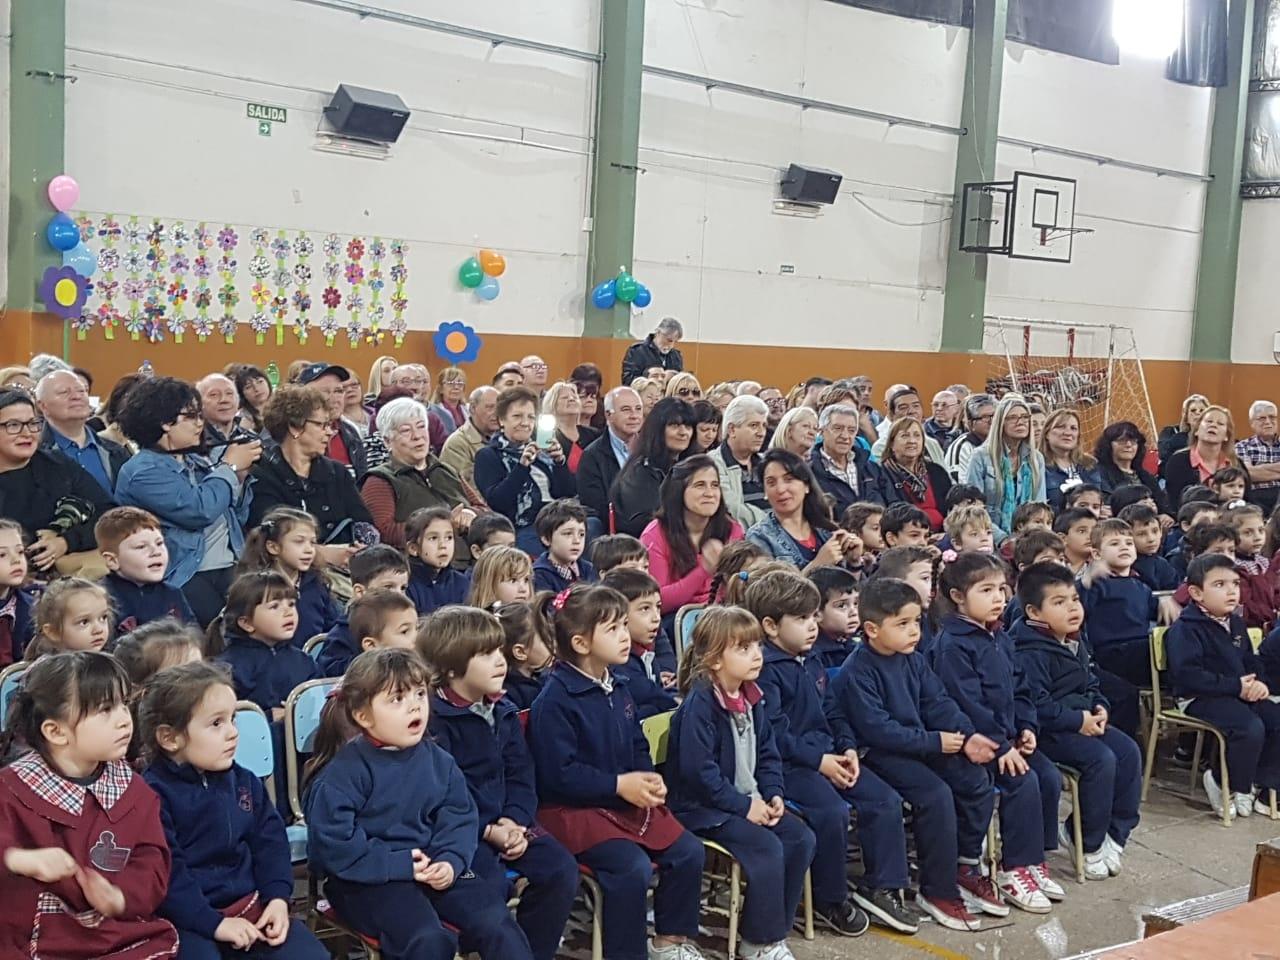 da-de-los-abuelos-imam-mataderos_43019161050_o